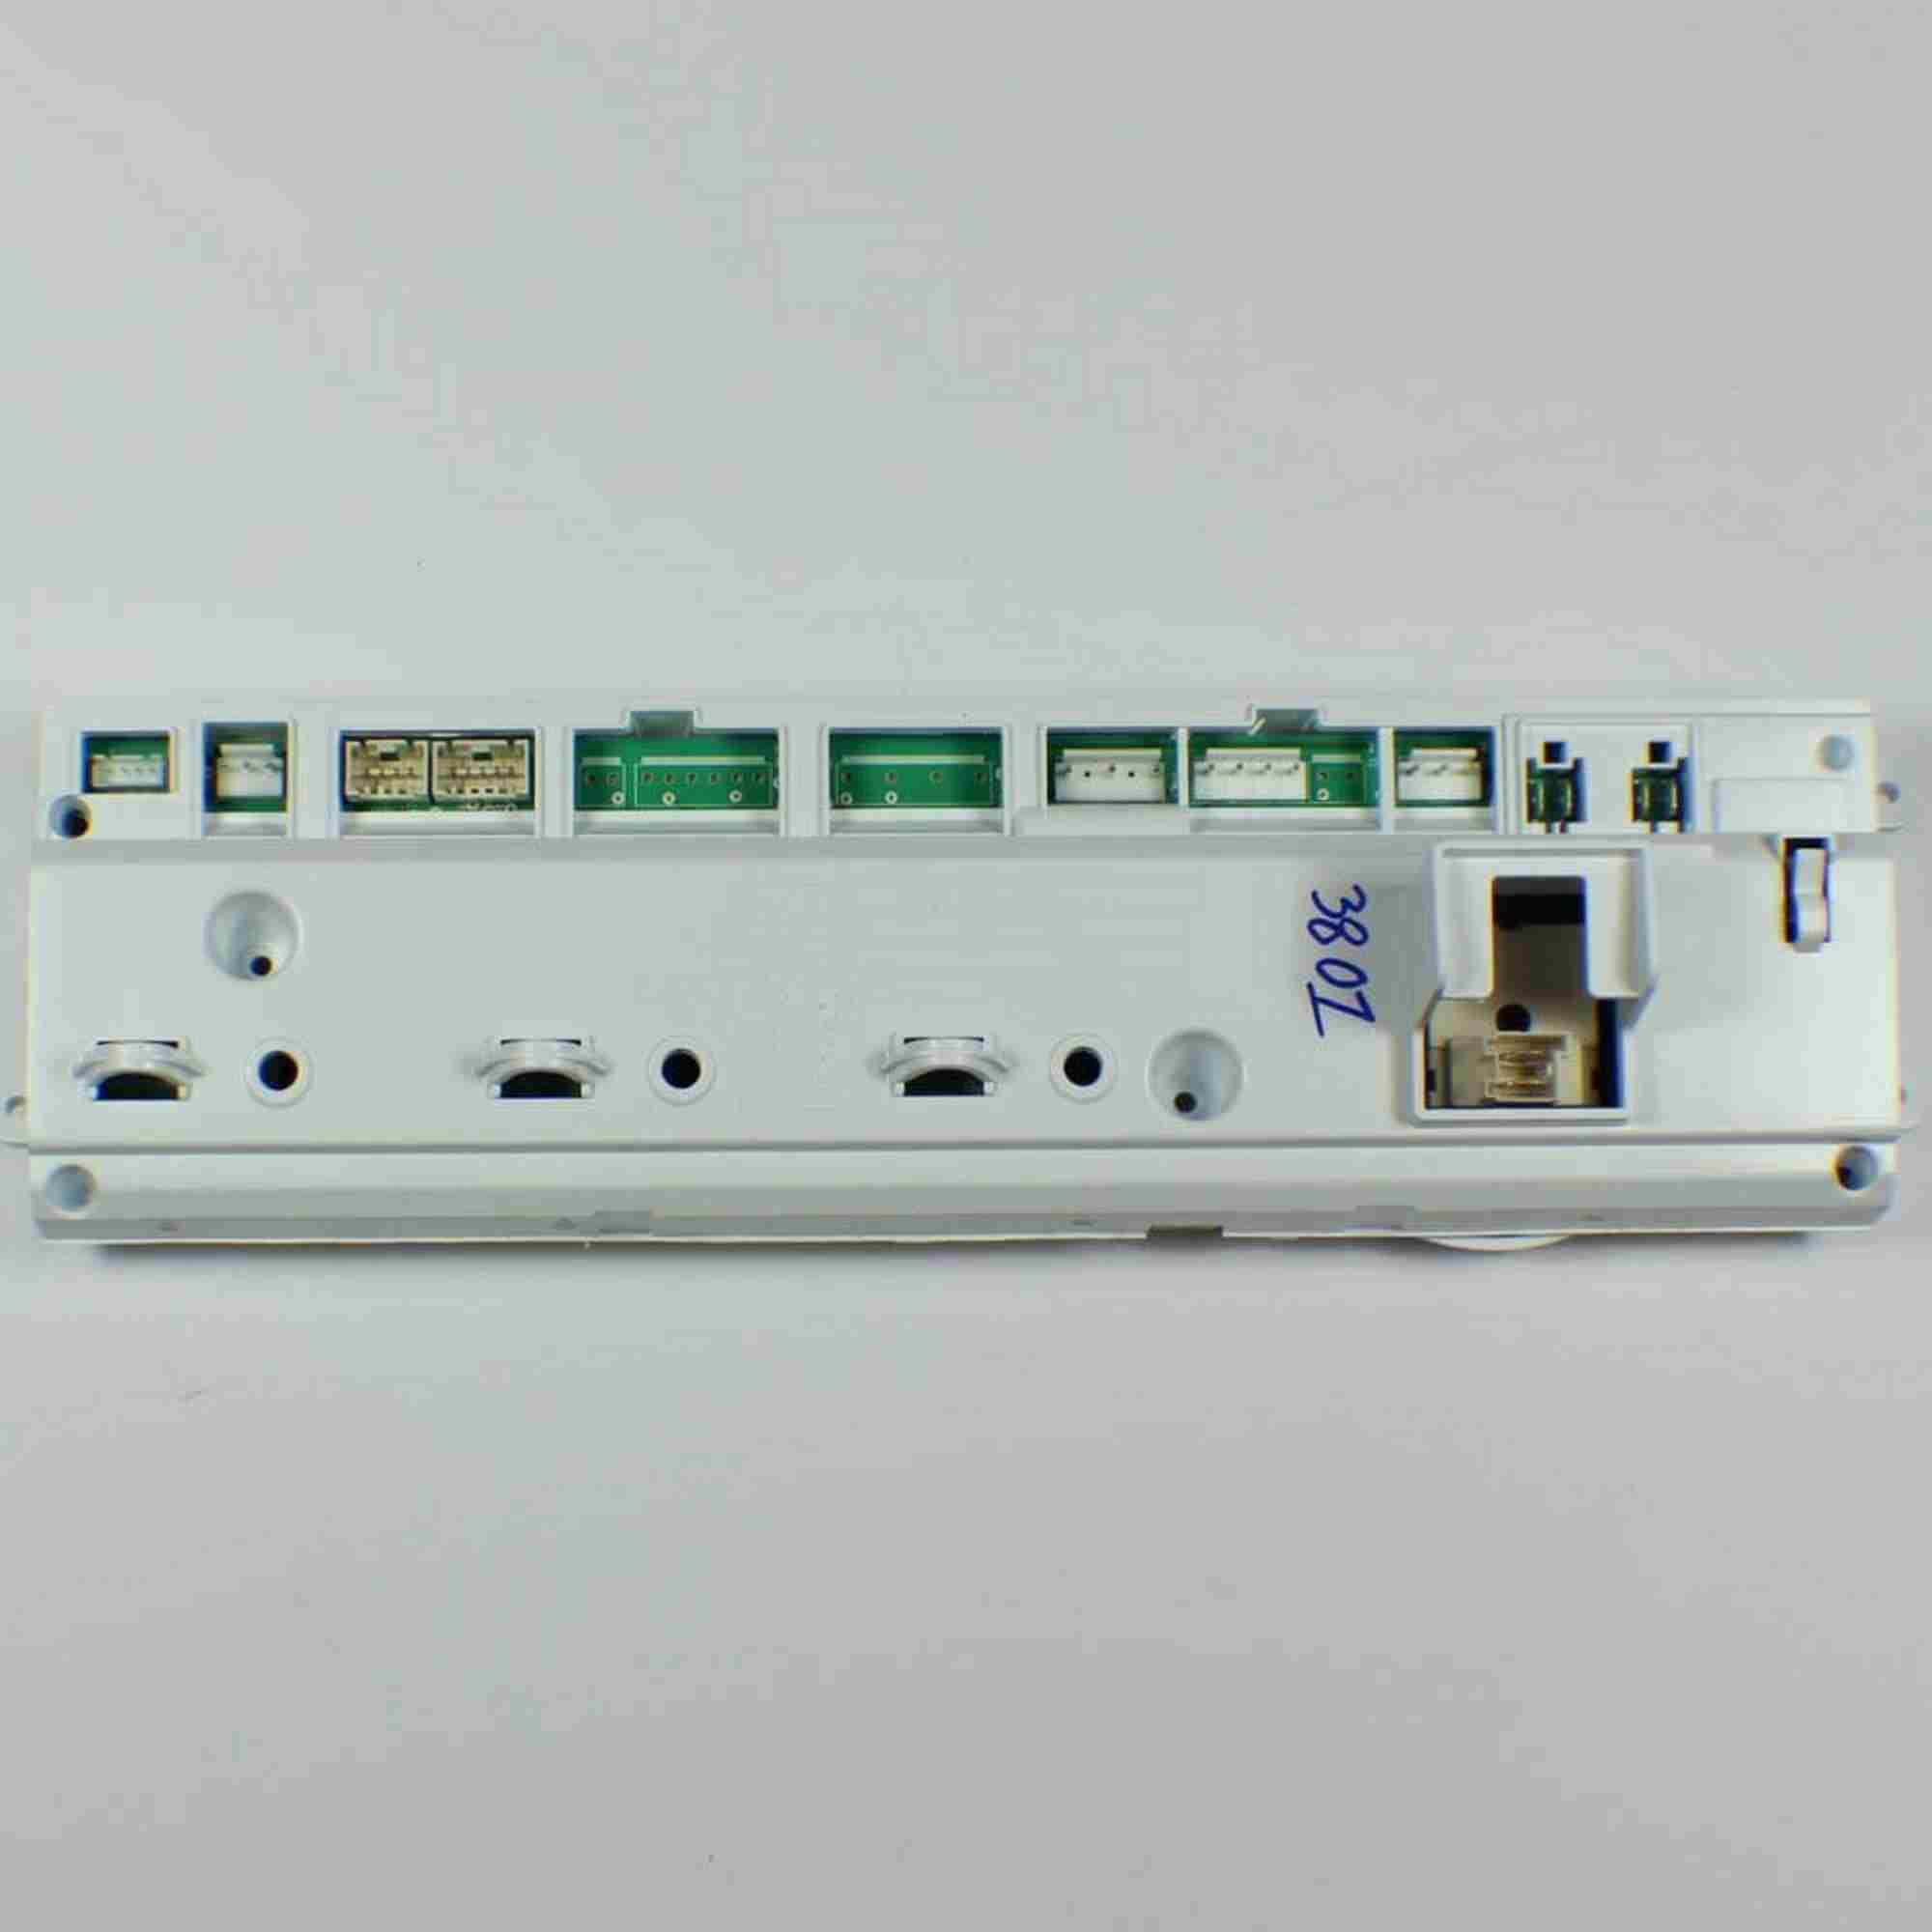 137006085 For Frigidaire Washing Machine Control Board